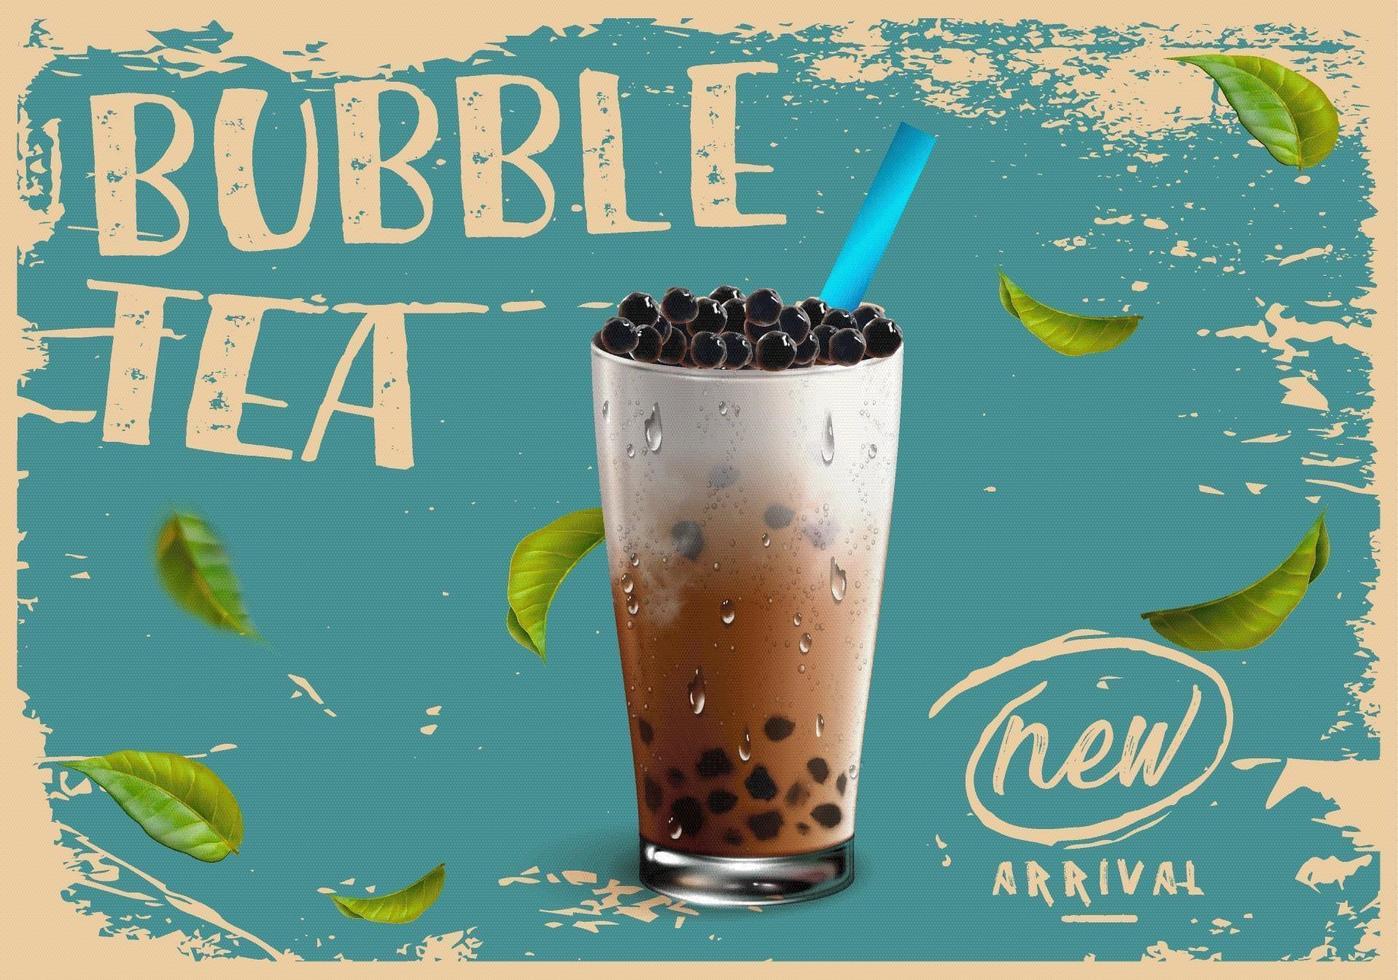 ny ankomstannons i bubbla te i vintage grunge stil vektor